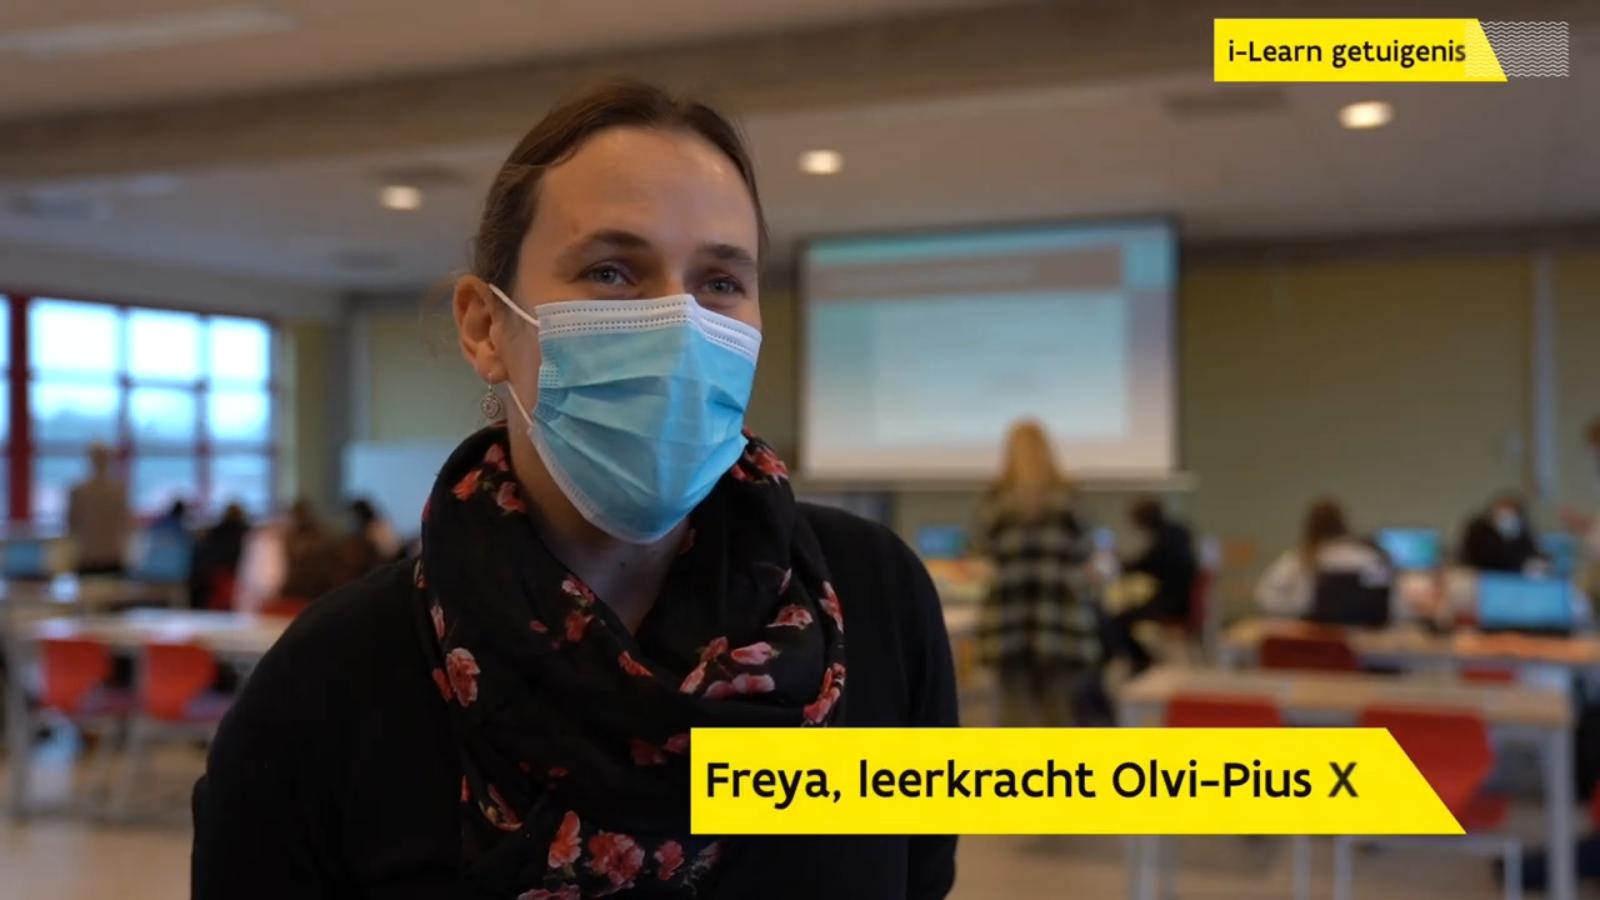 Getuigenis leerkracht Freya